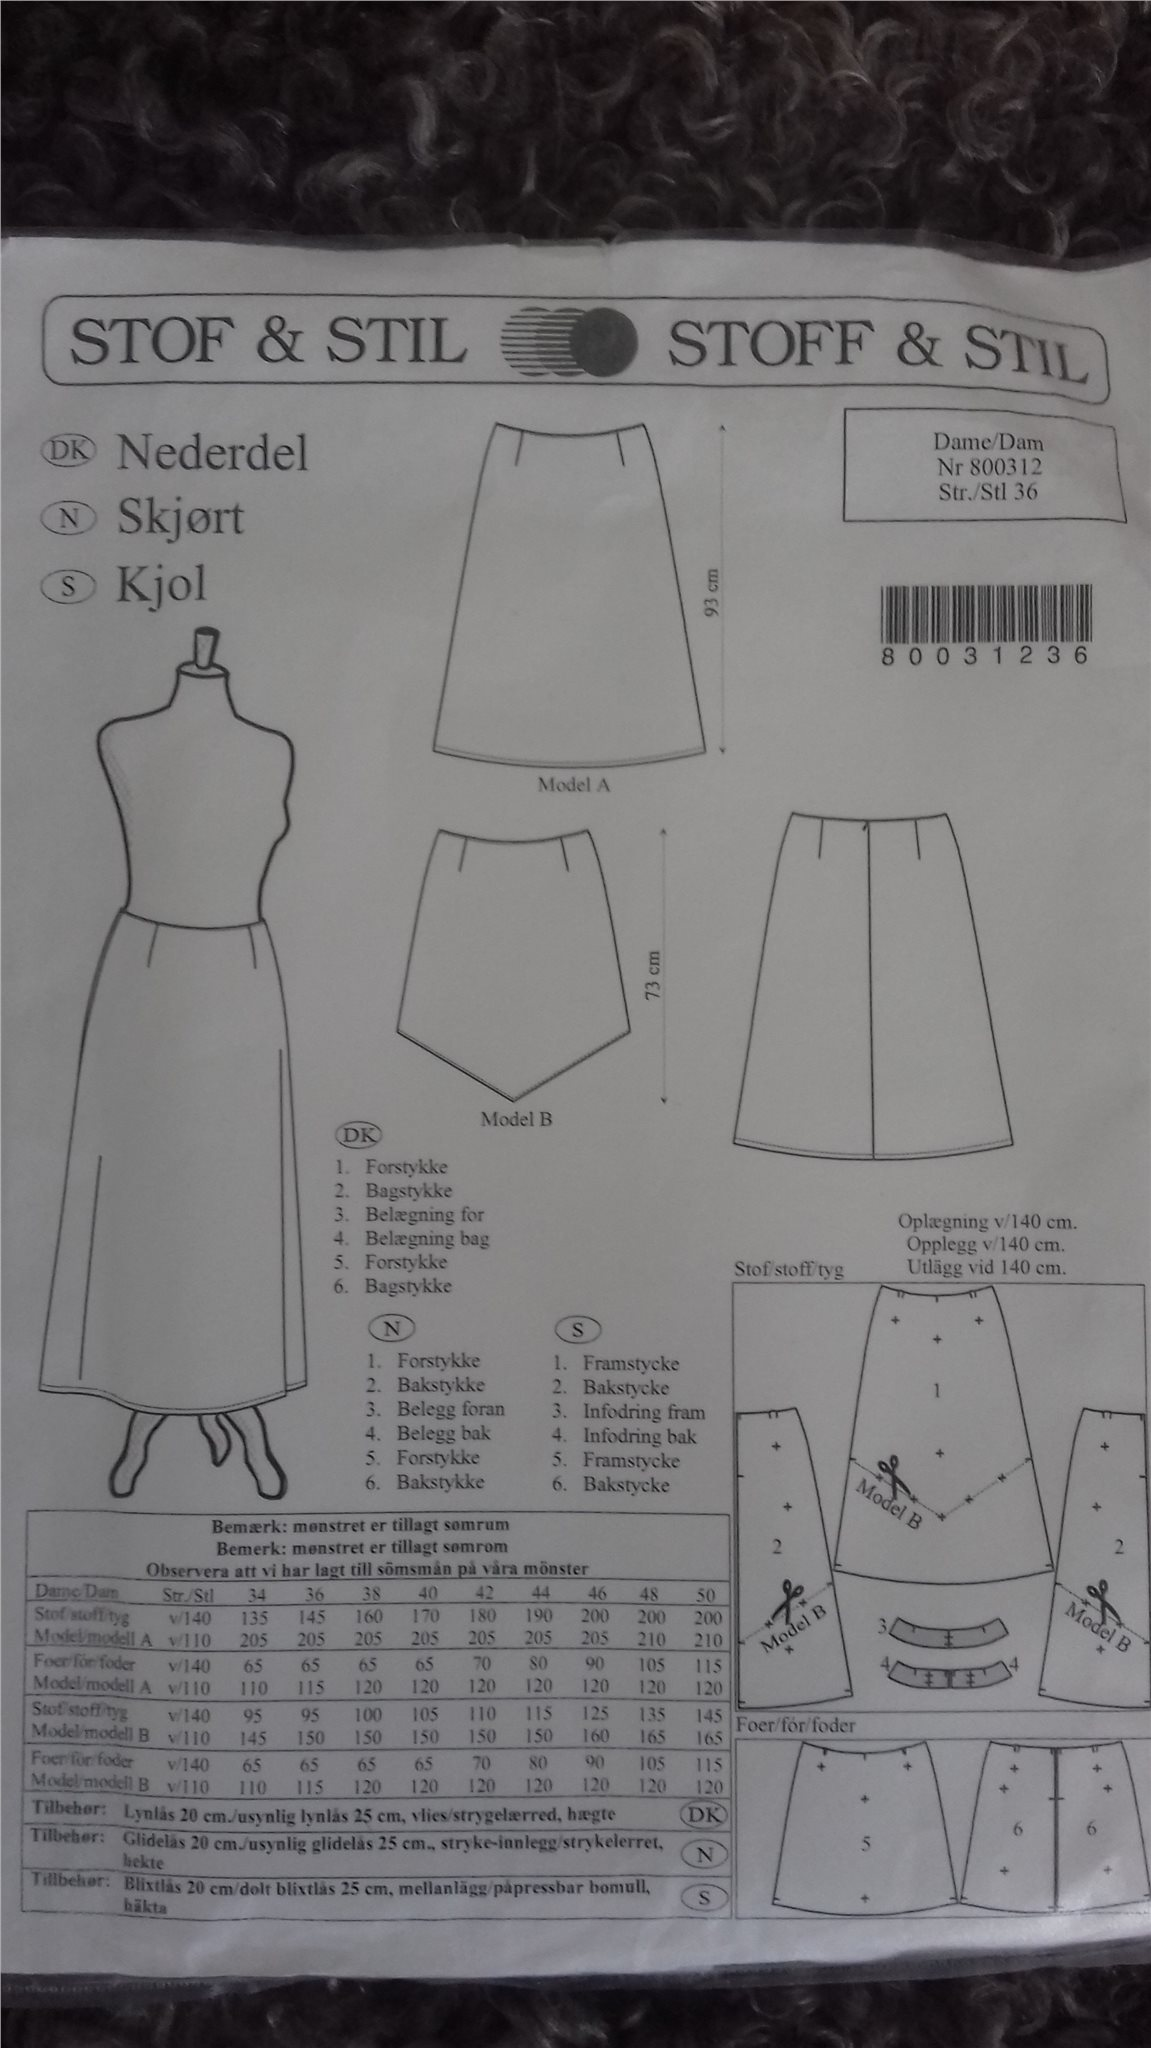 dd8c20c08c93 Klädmönster från Stoff o stil (347124345) ᐈ Köp på Tradera